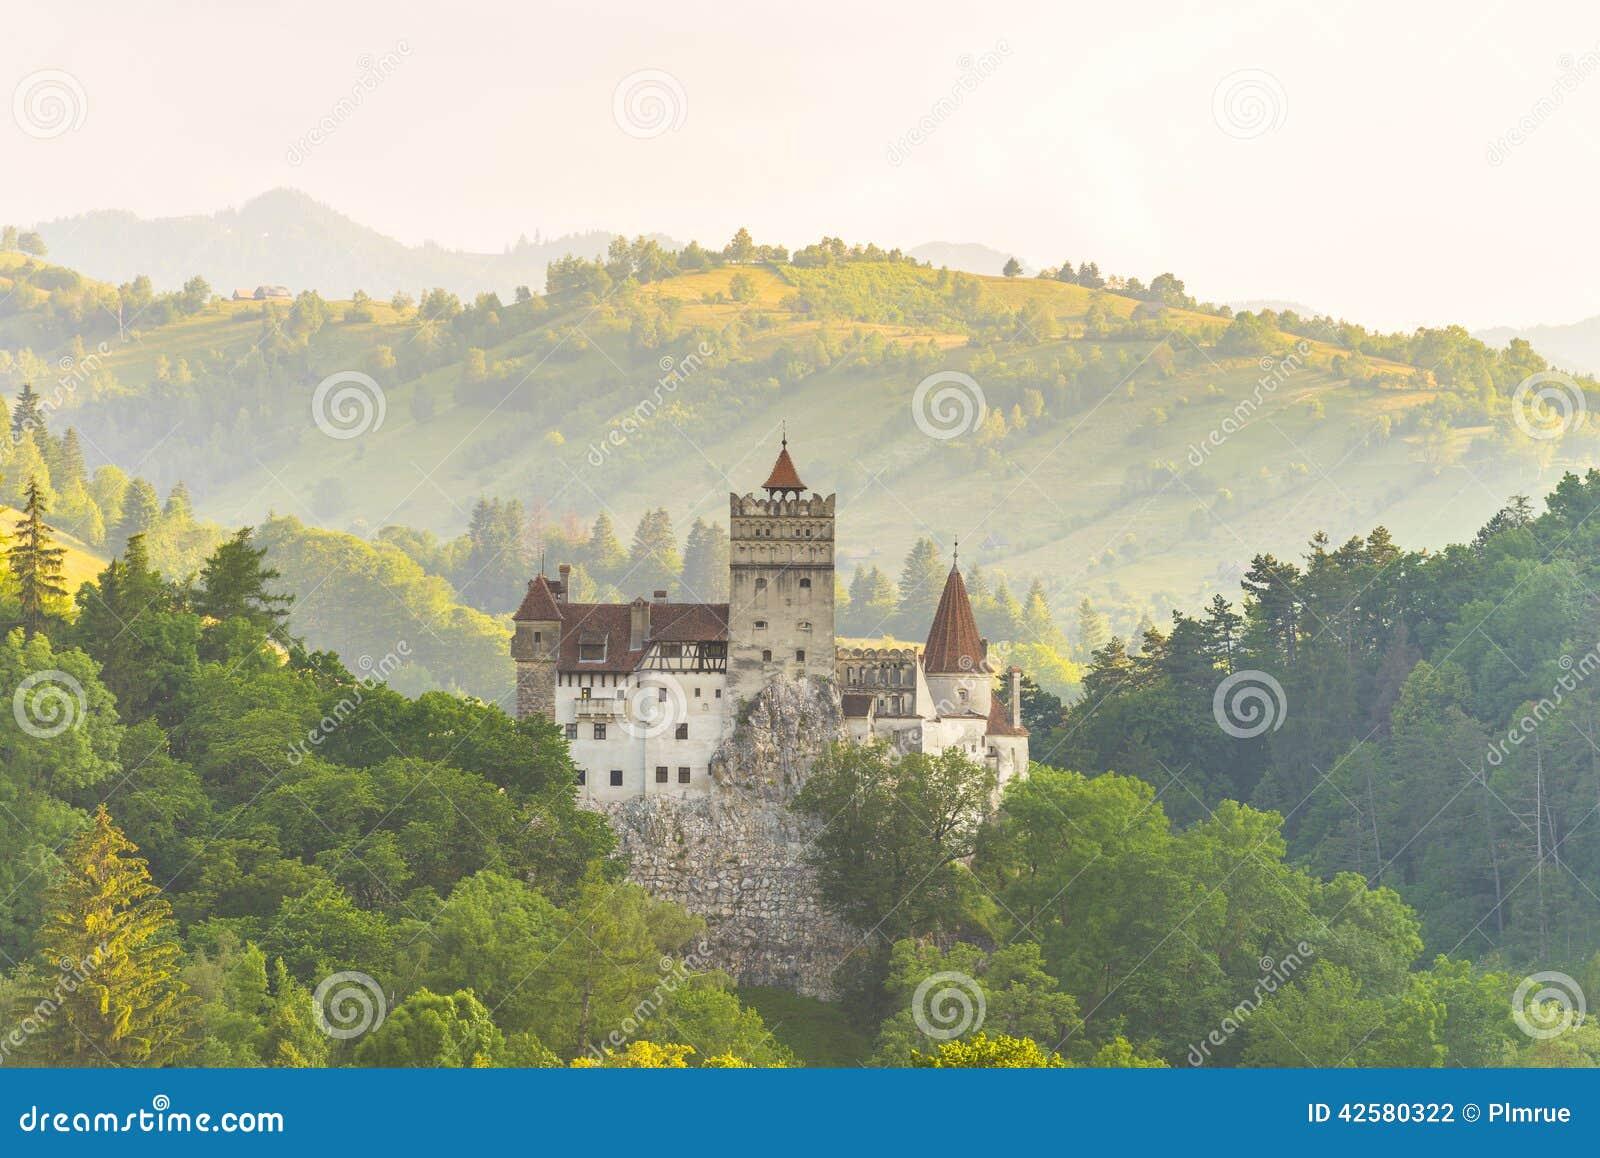 中世纪的城堡